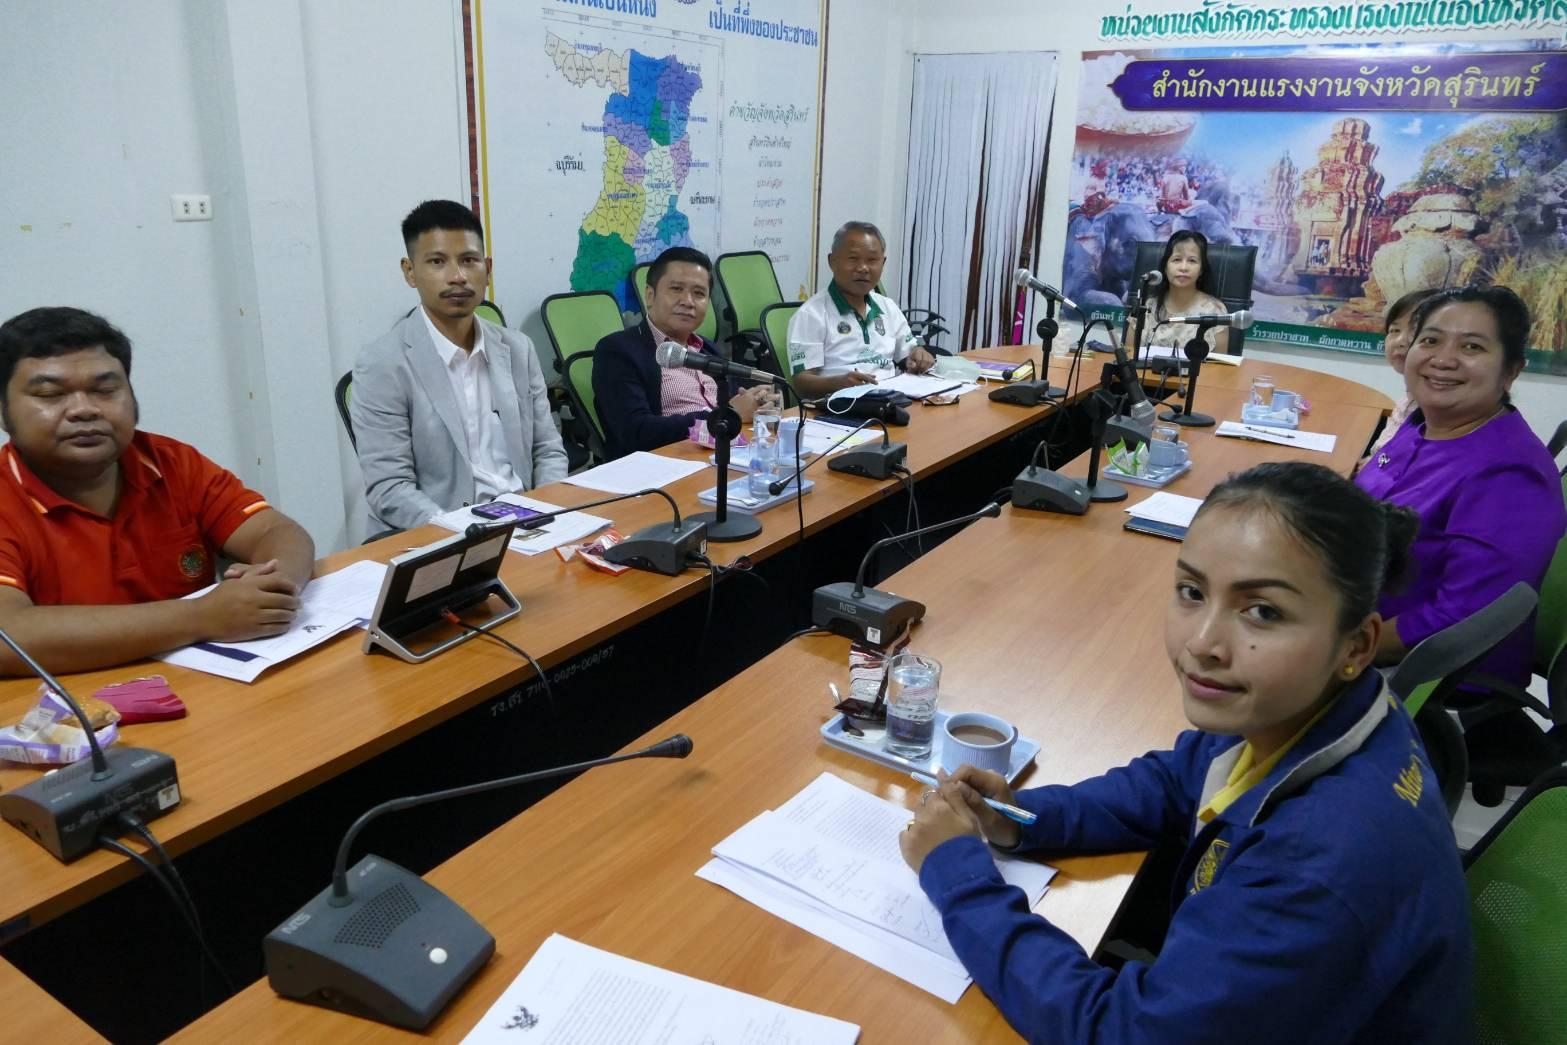 การประชุมหัวหน้าส่วนราชการสังกัดกระทรวงแรงงานในจังหวัดสุรินทร์ ประจำเดือนตุลาคม 2563